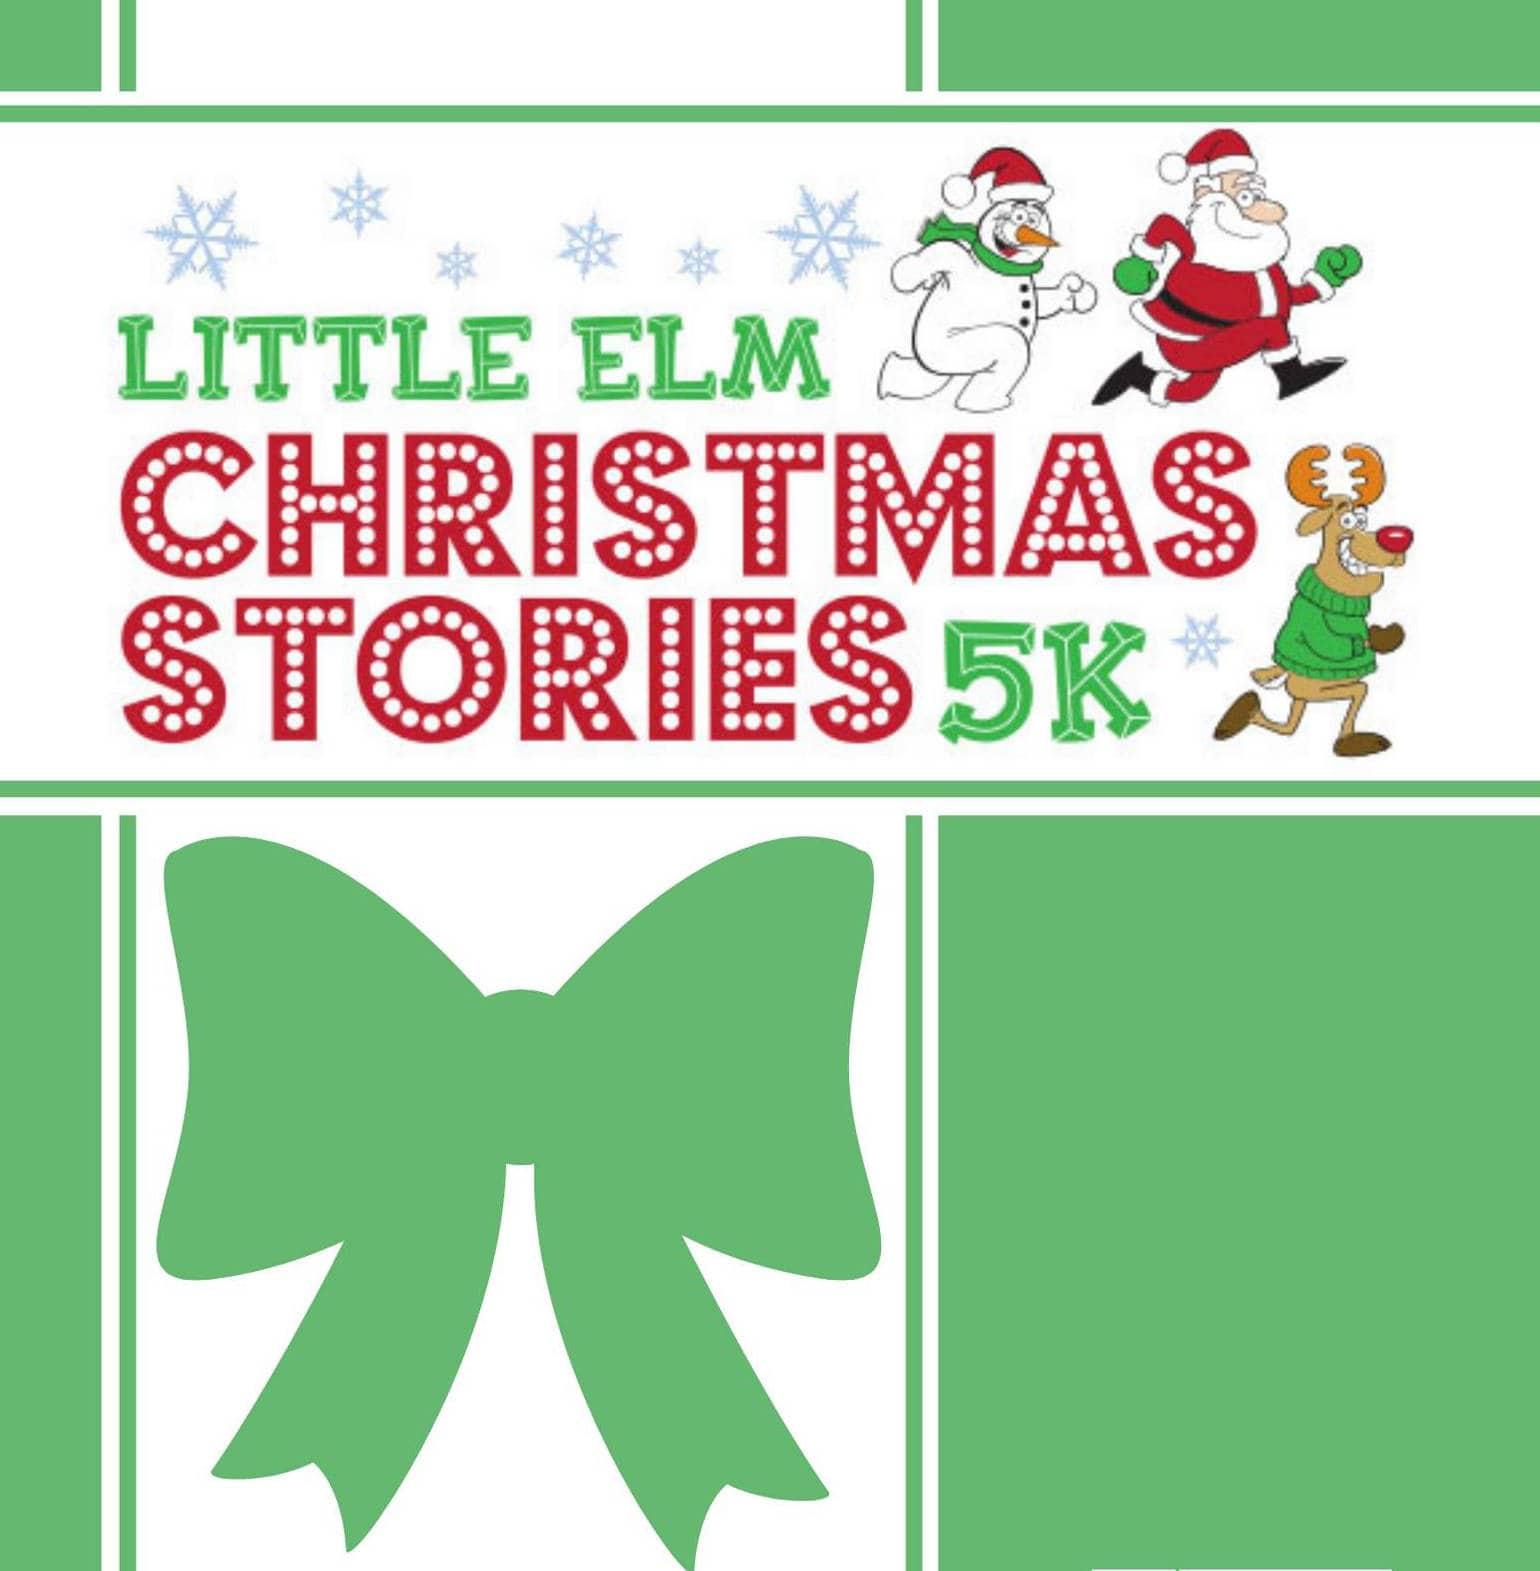 Christmas Stories 5K, Little Elm